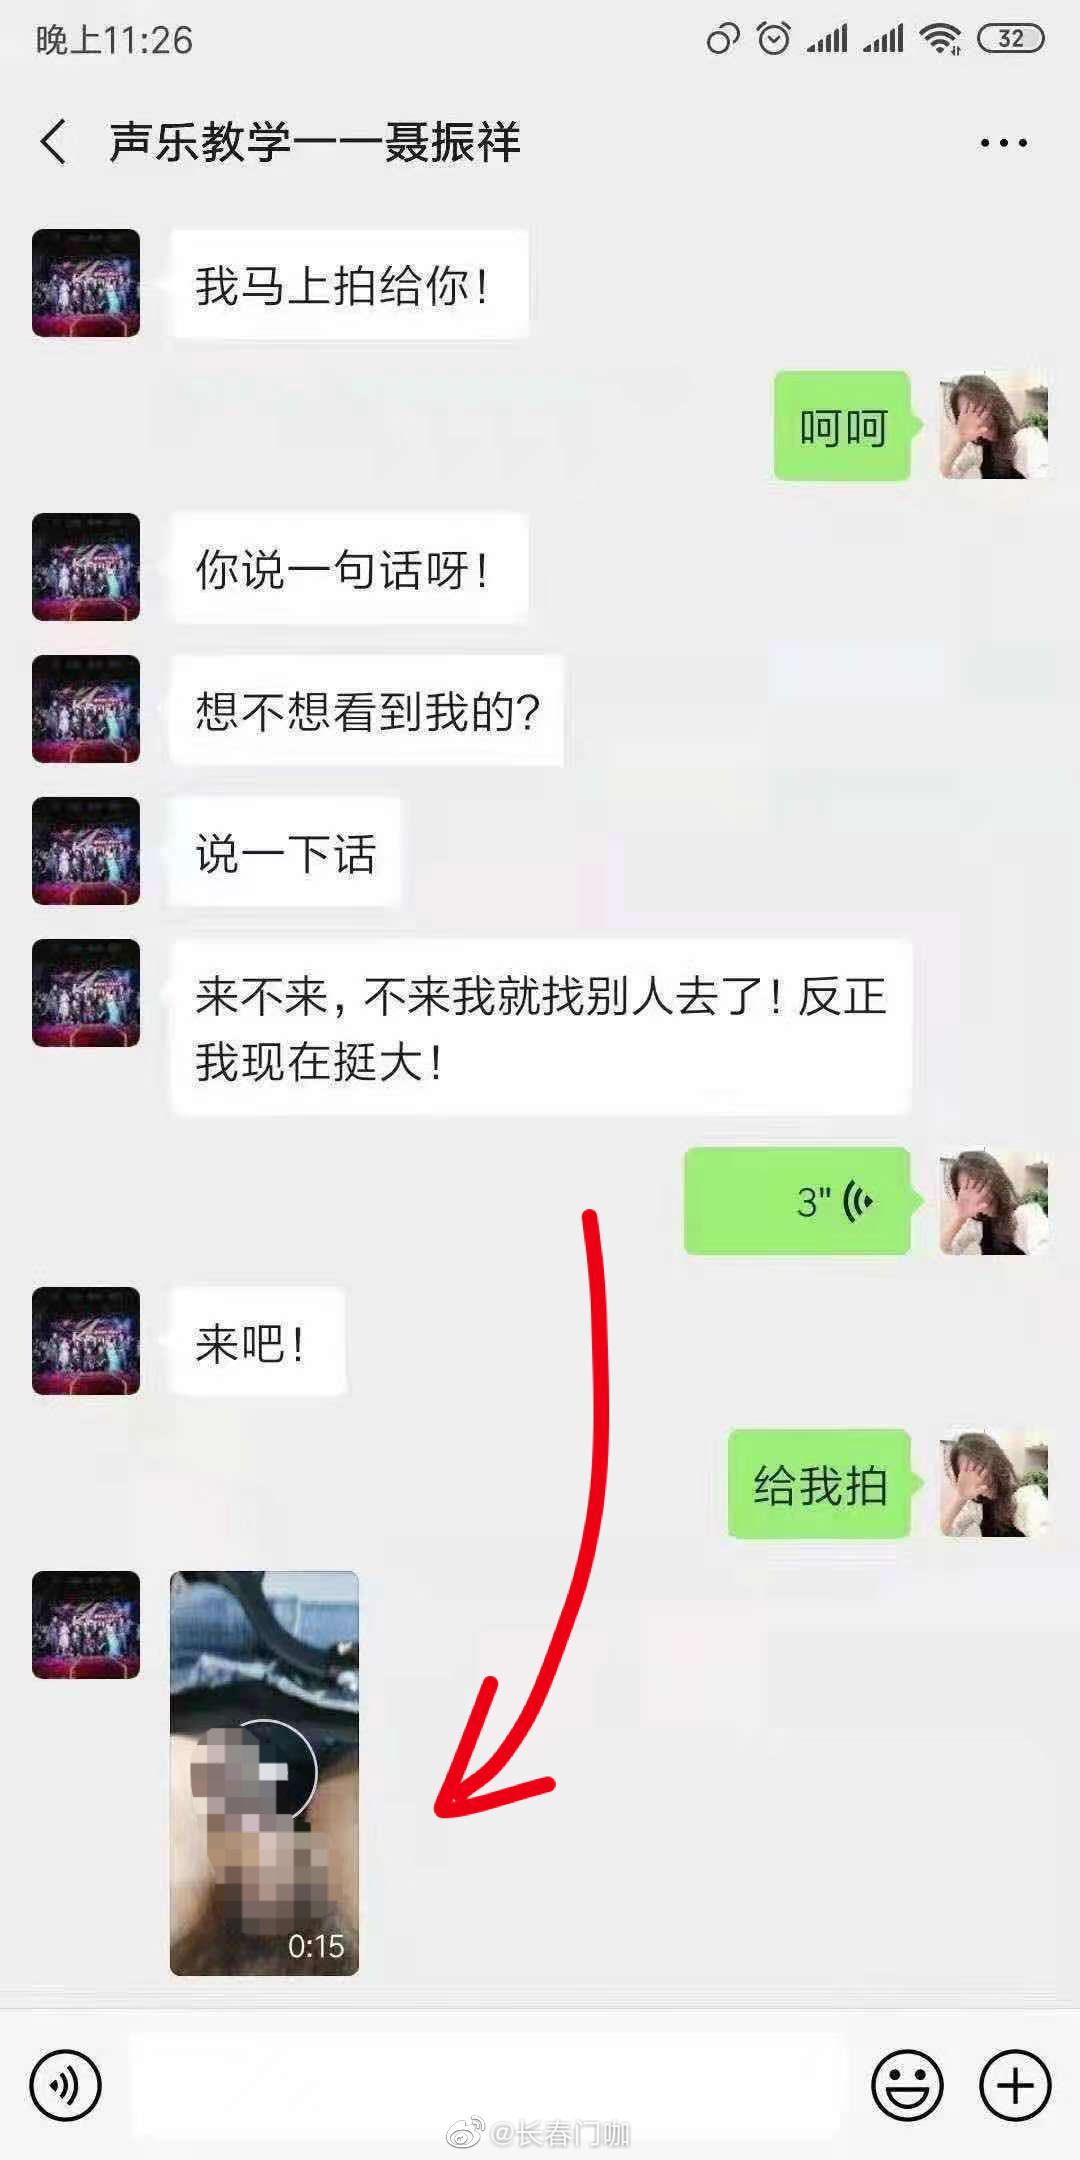 网友爆料:声乐教师聂某某,私聊女学生……